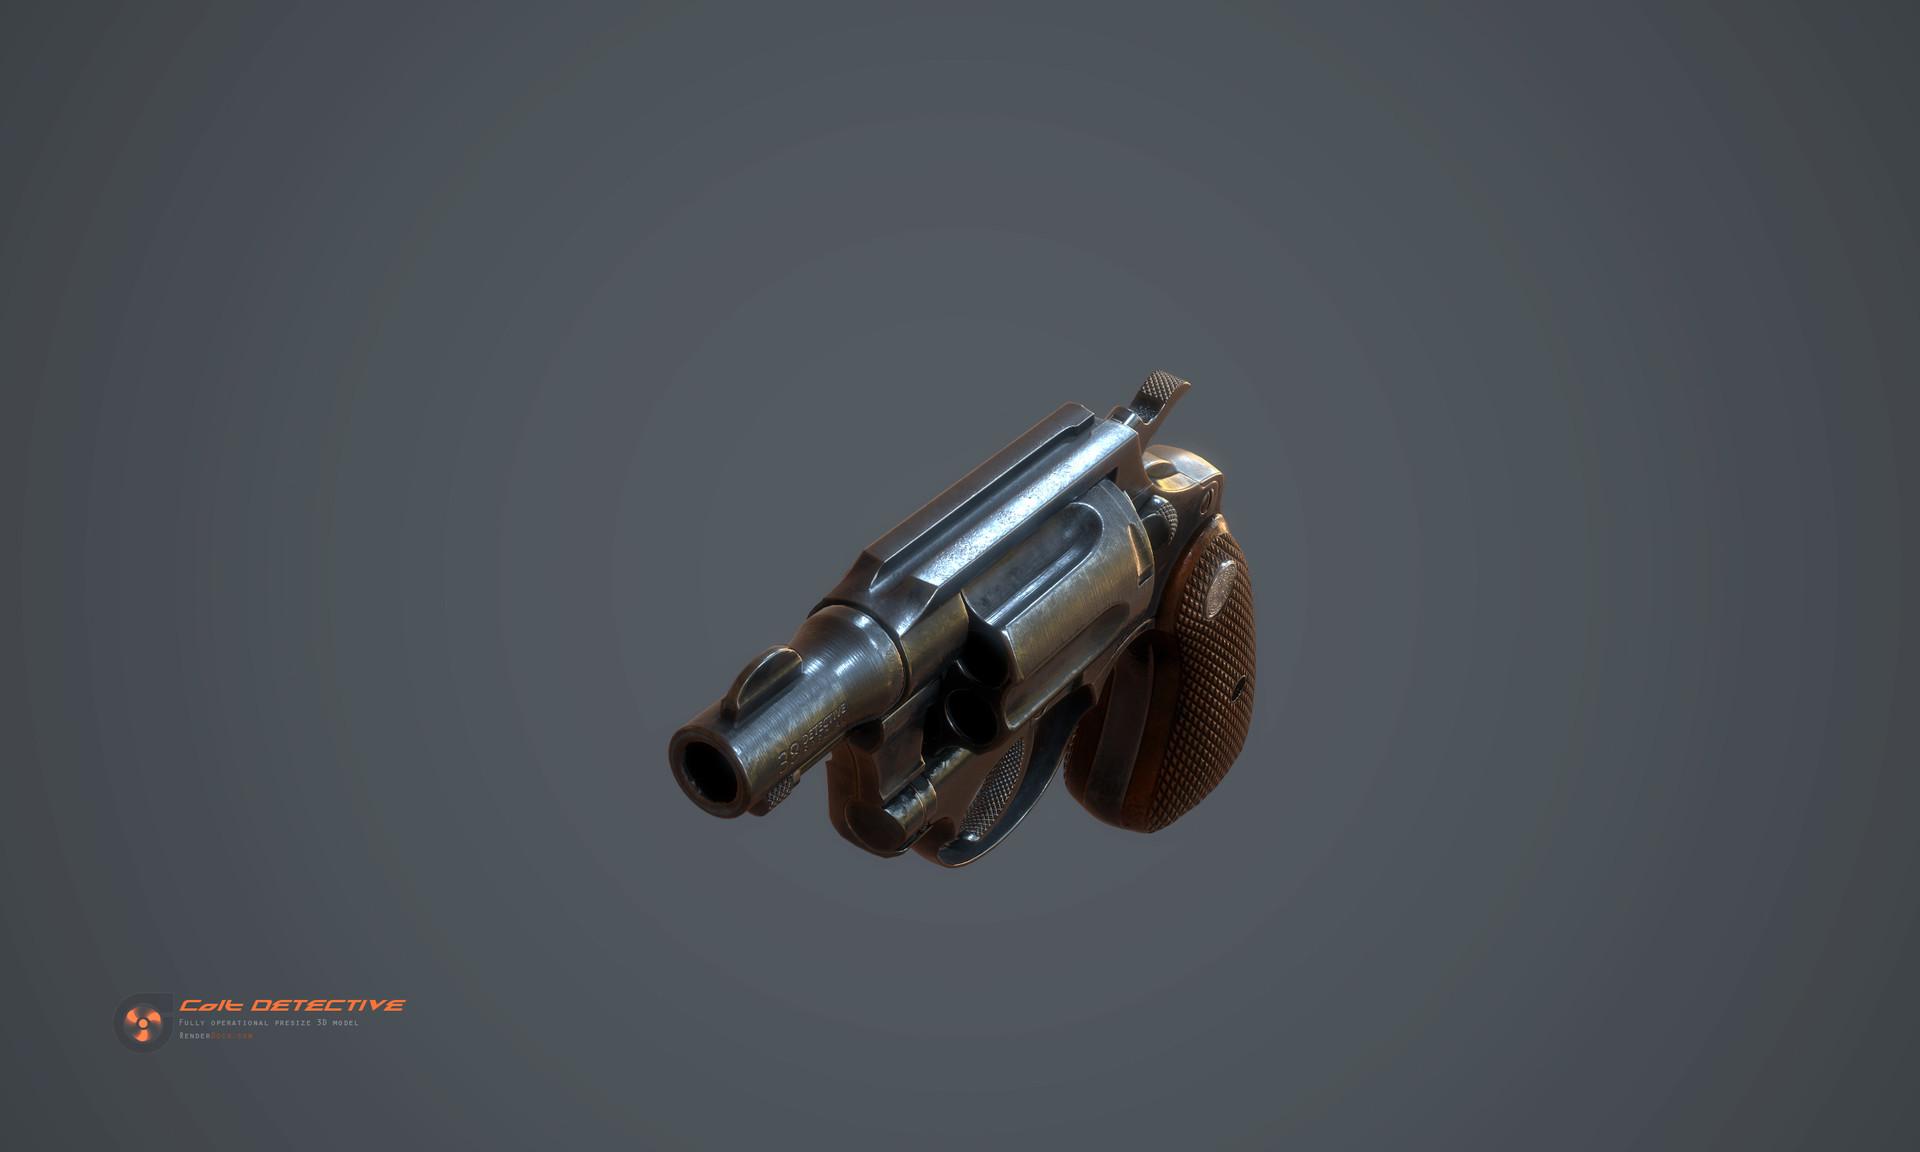 Renderdock studio colt detective 01 1